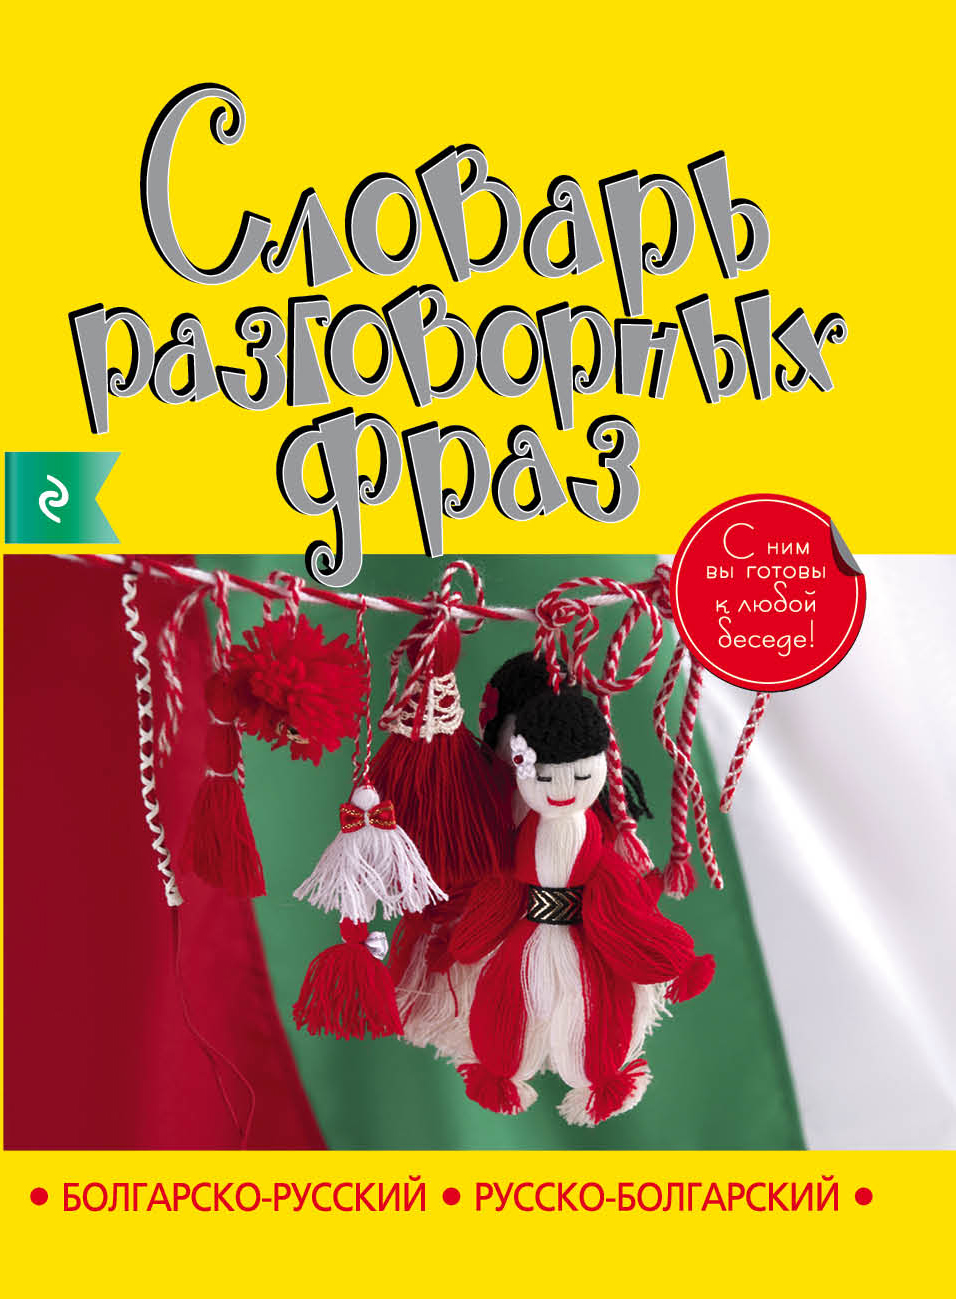 Болгарско-русский русско-болгарский словарь разговорных фраз ( Стойкова Р.  )